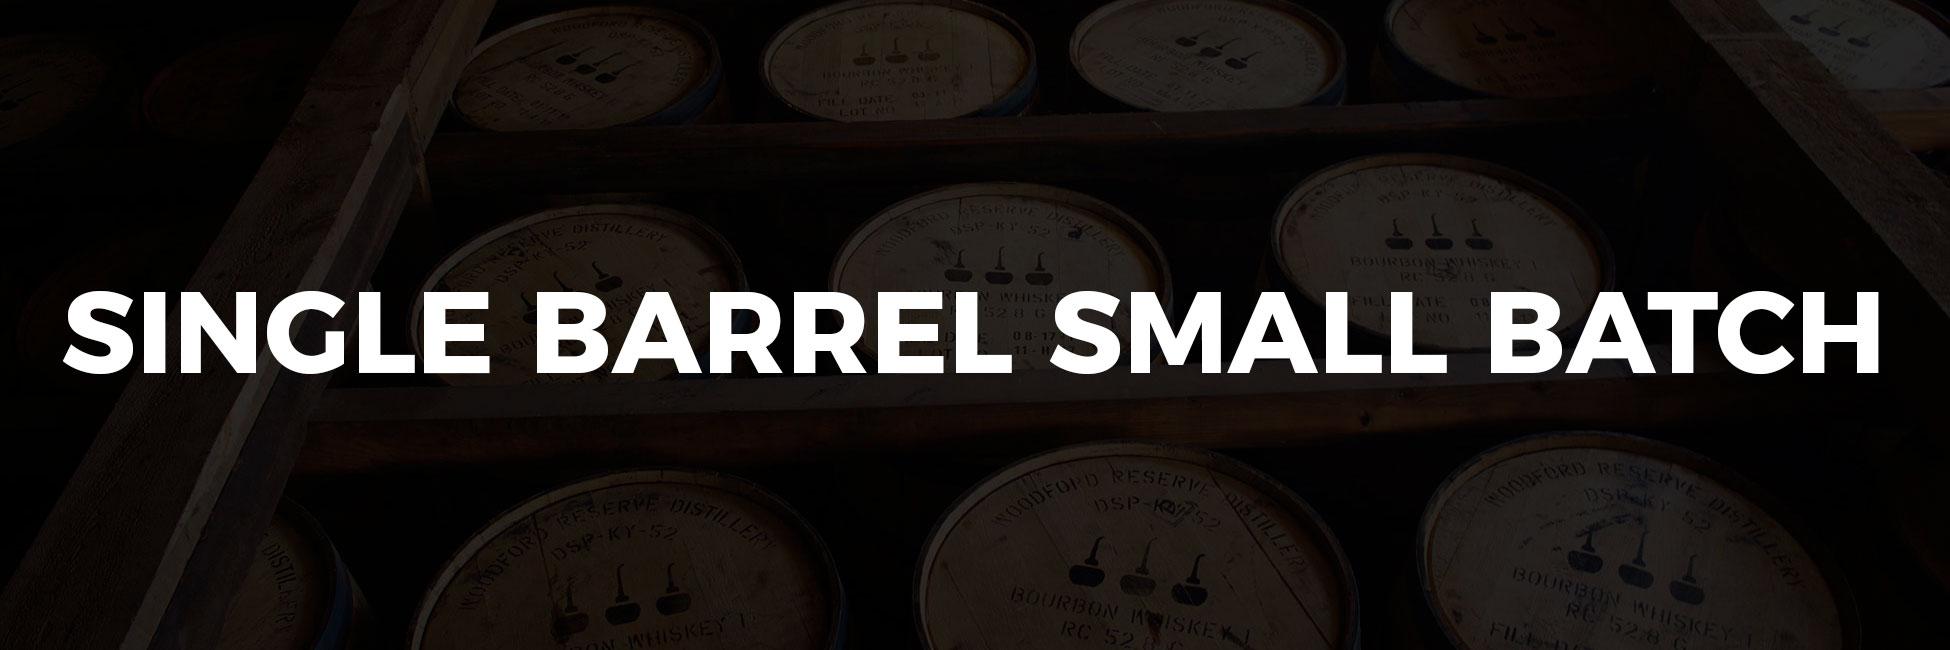 SINGLE BARREL SMALL BATCH